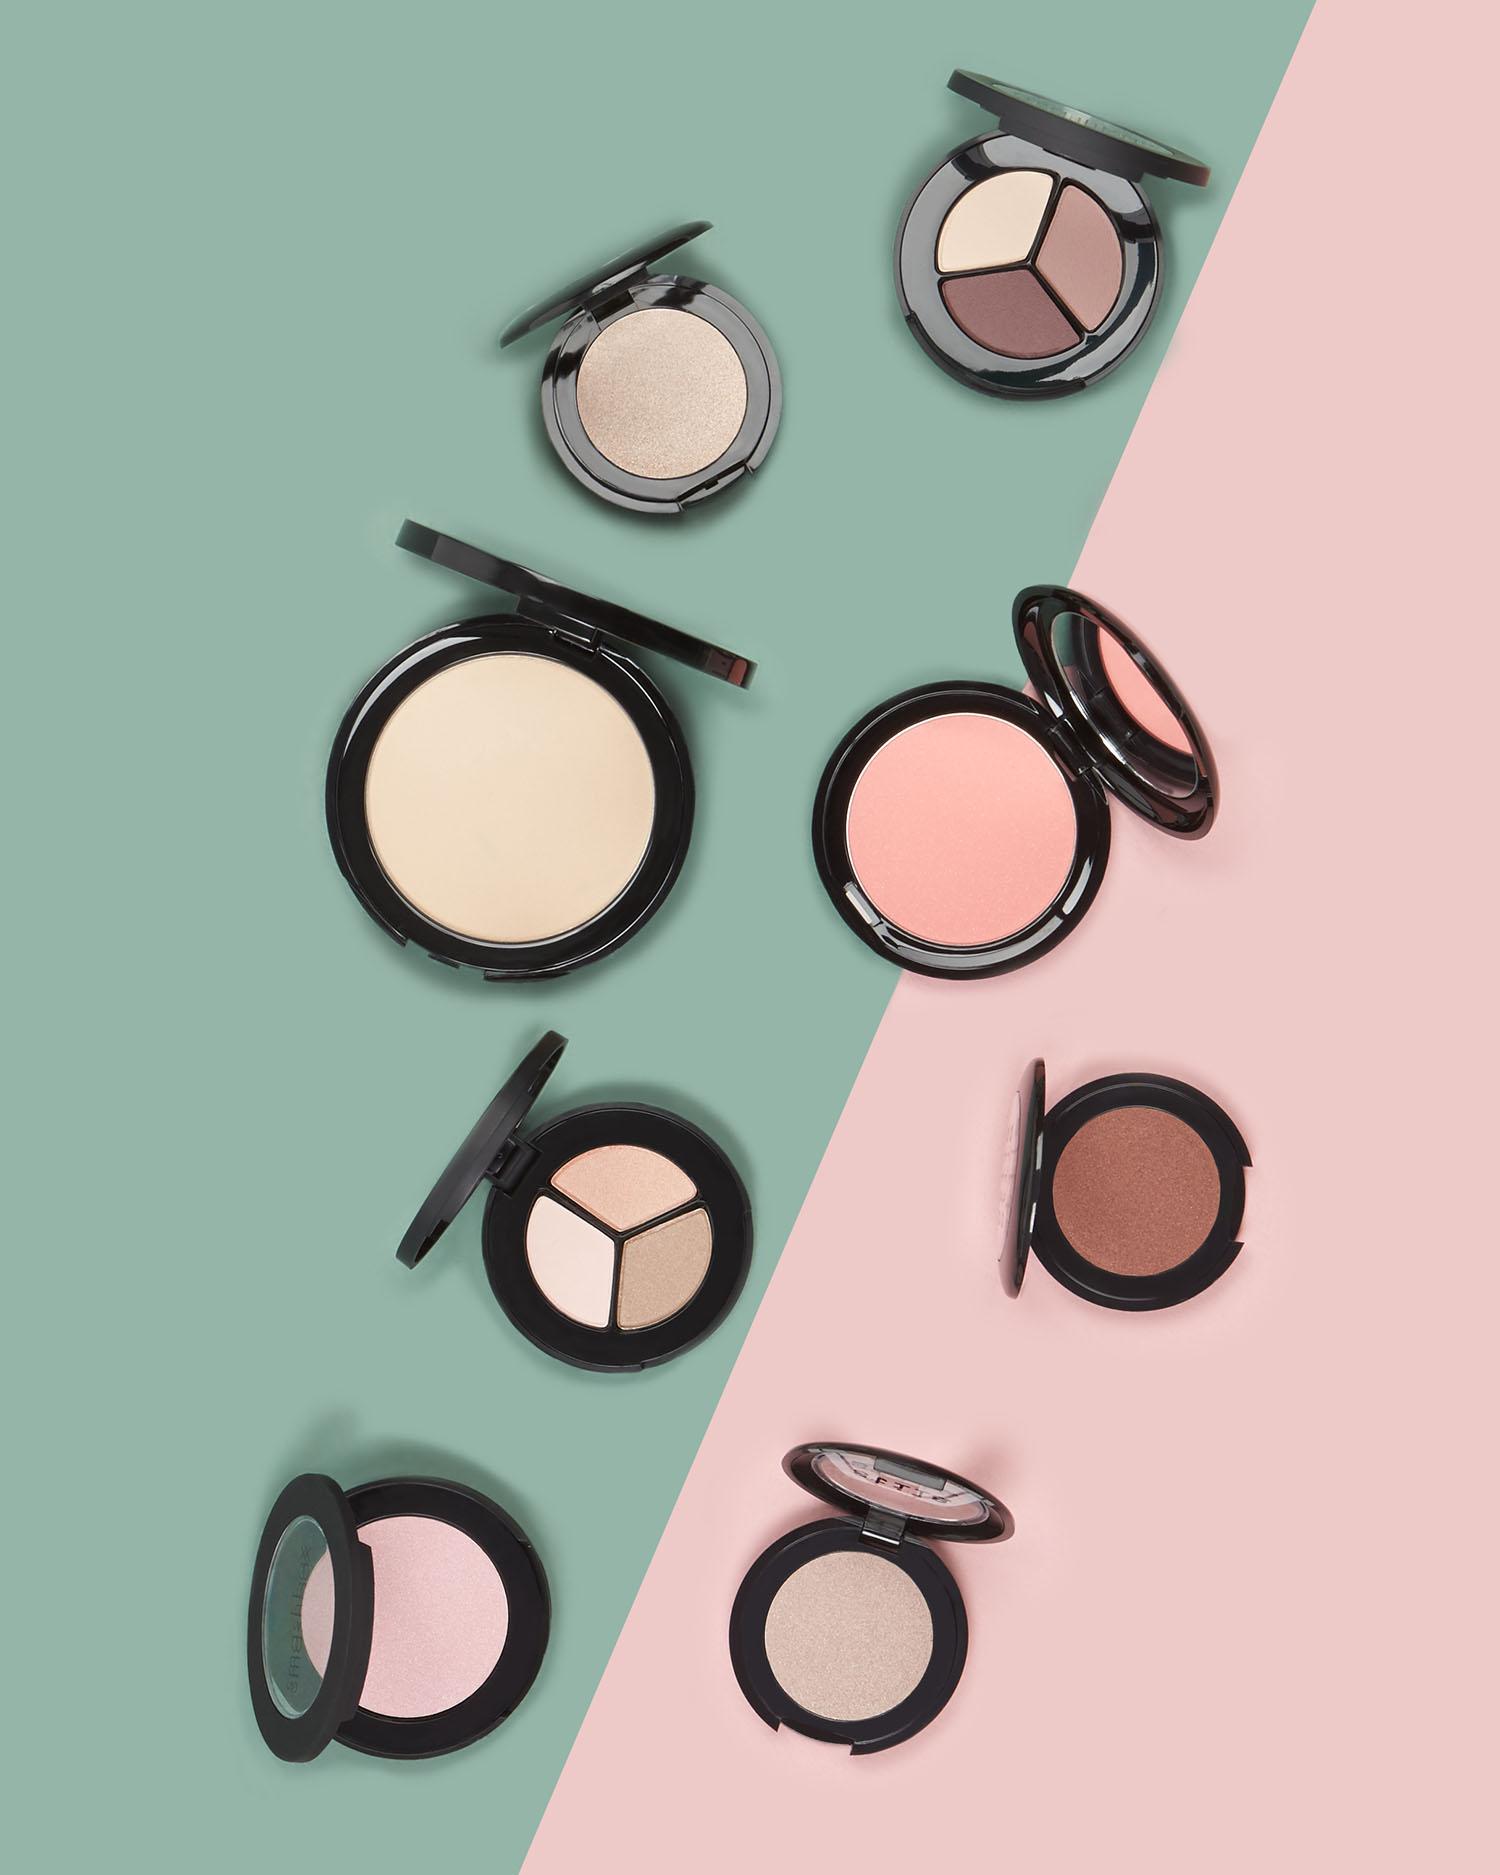 Beauty Brands - Still Life - Day 10417.jpg